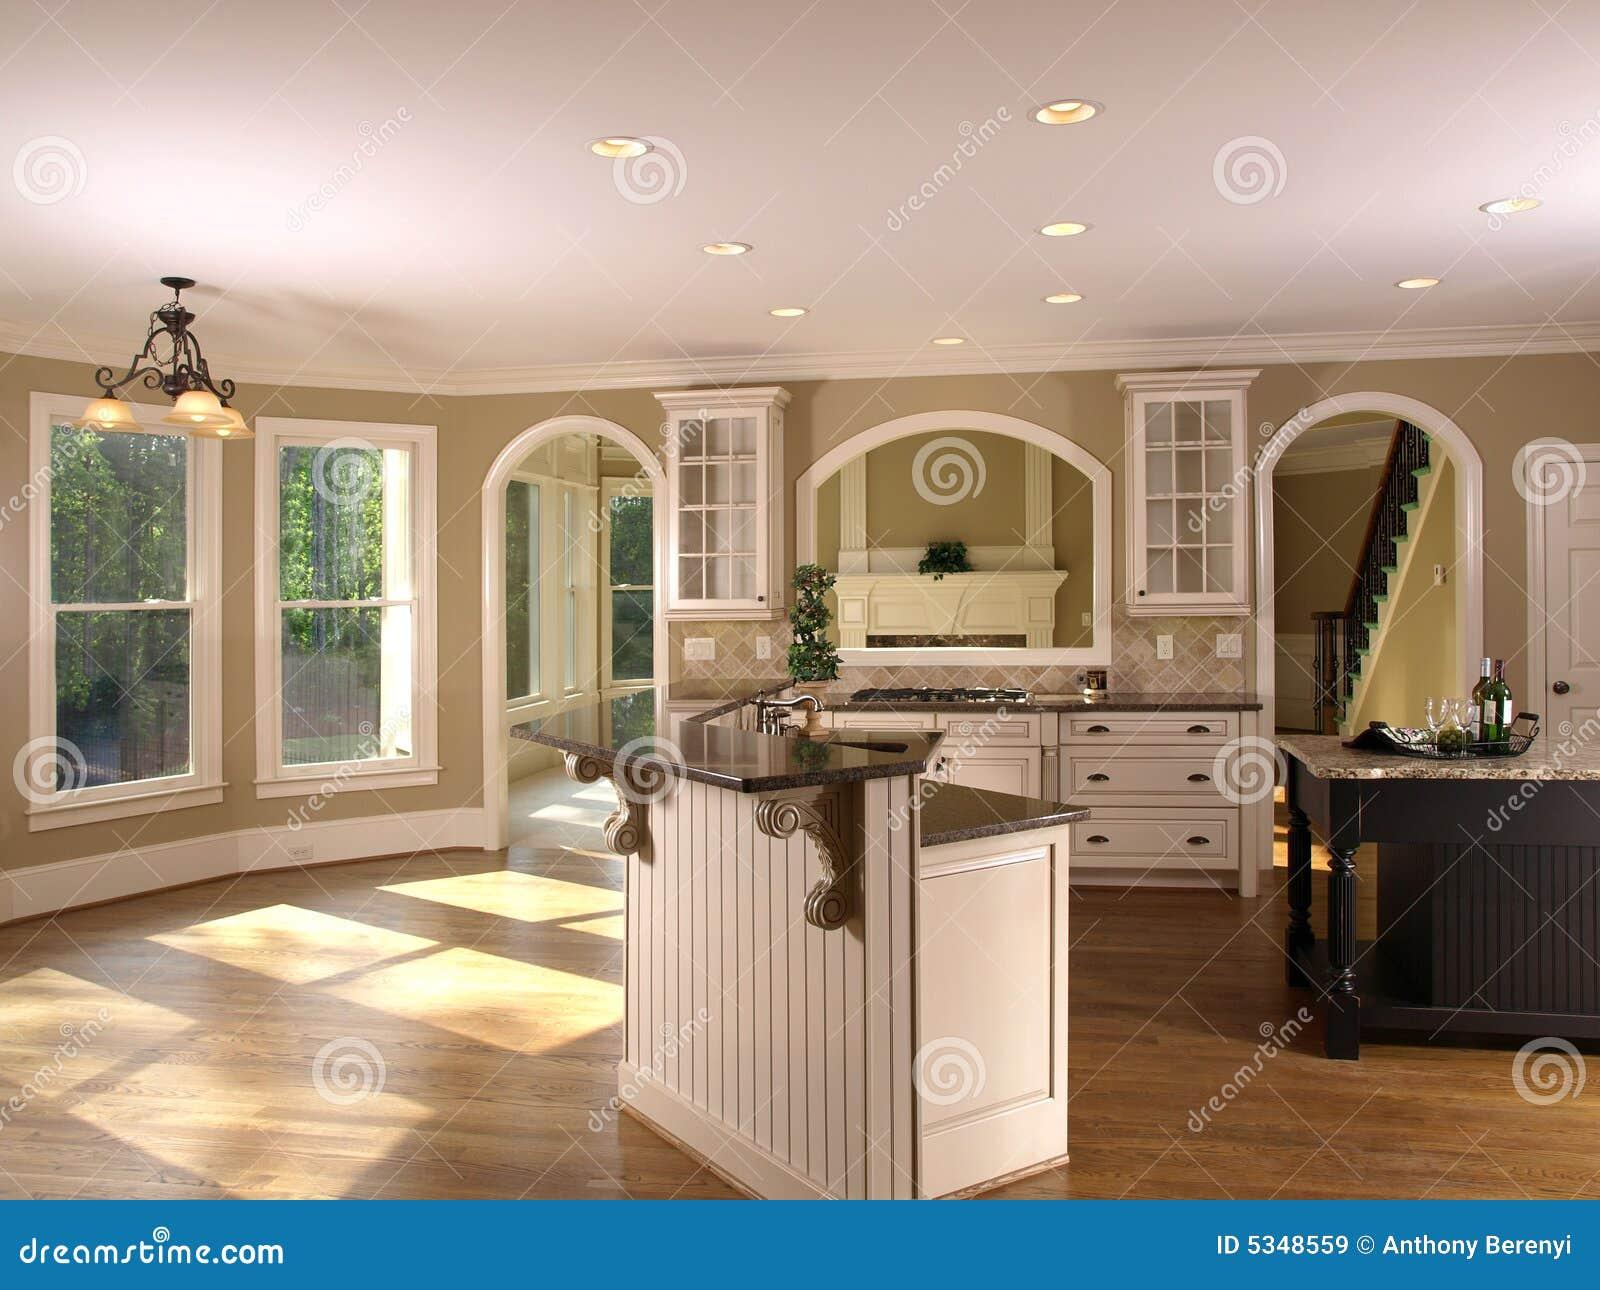 kitchenette de luxe 1 de maison mod le images libres de droits image 5348559. Black Bedroom Furniture Sets. Home Design Ideas